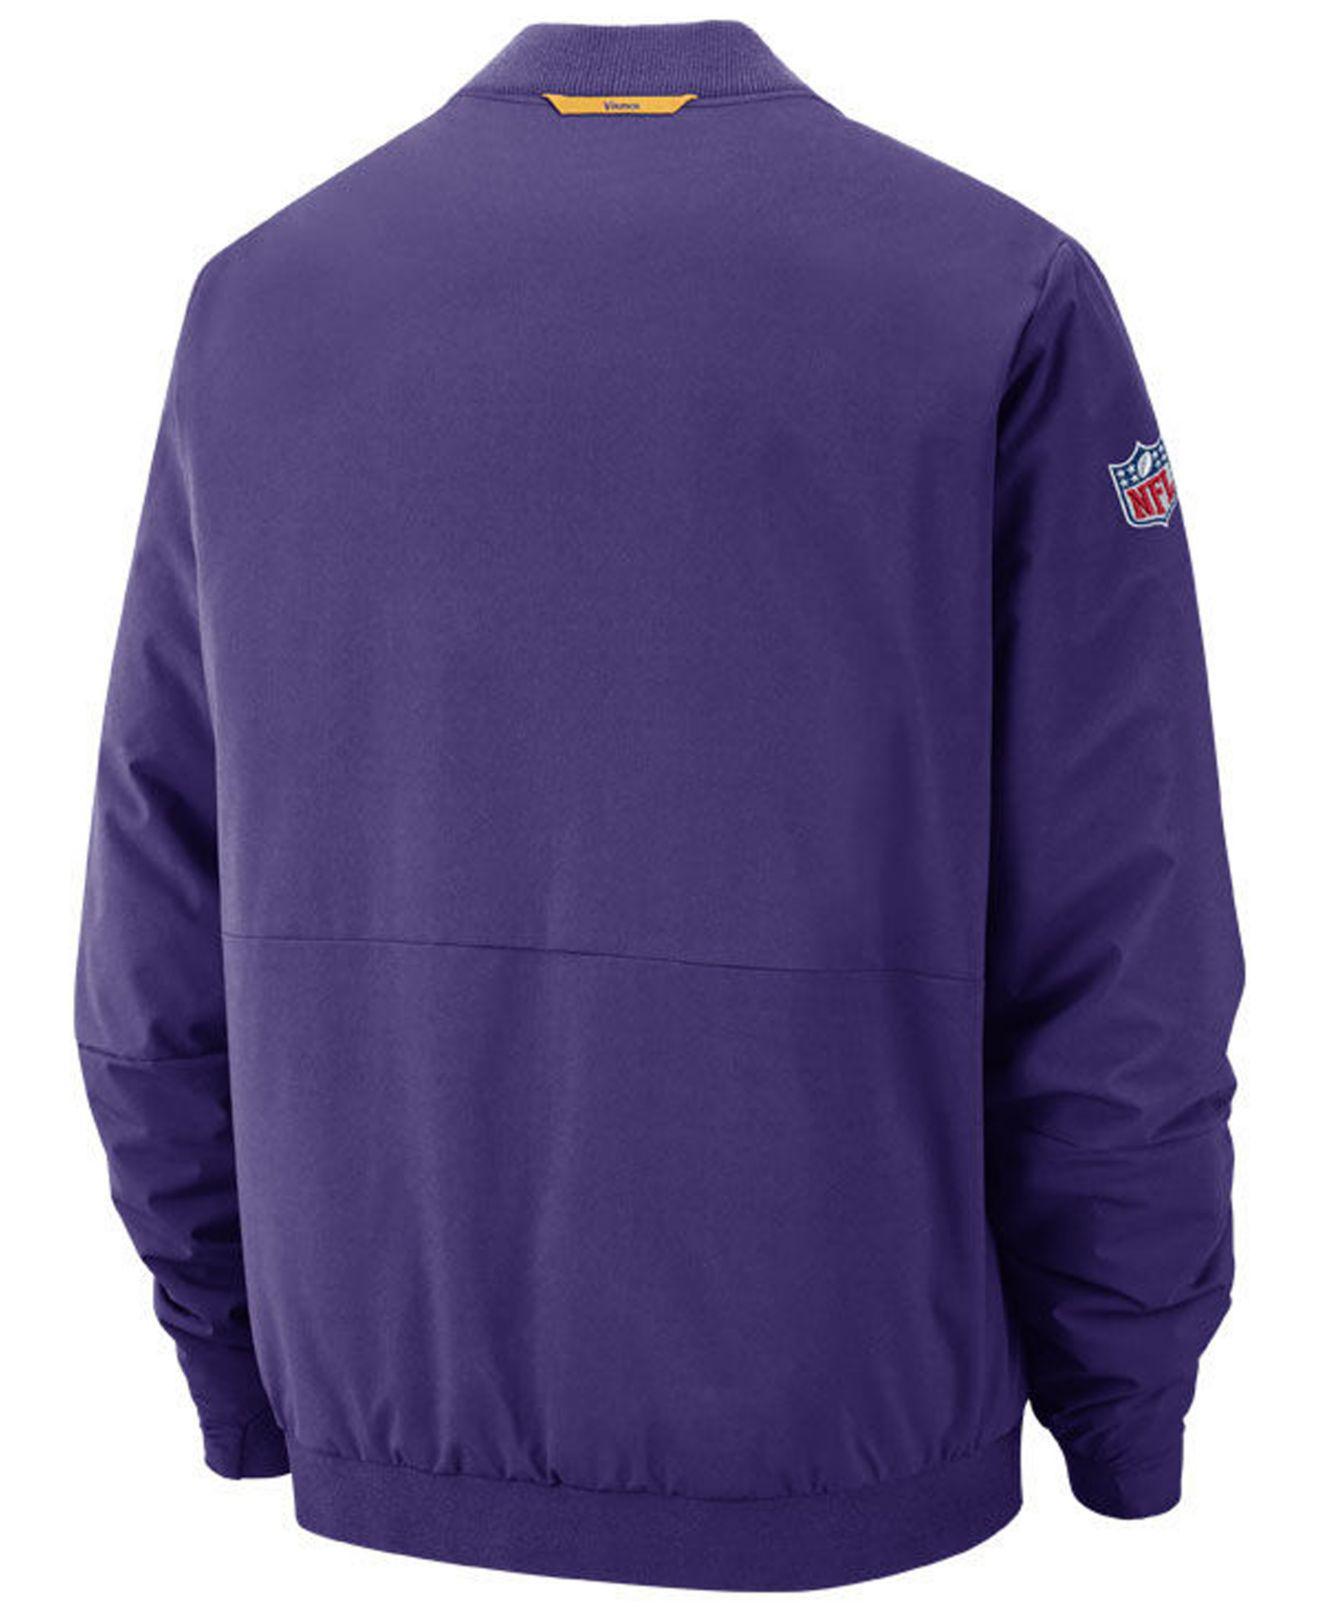 6a32c032 Nike Purple Minnesota Vikings Bomber Jacket for men